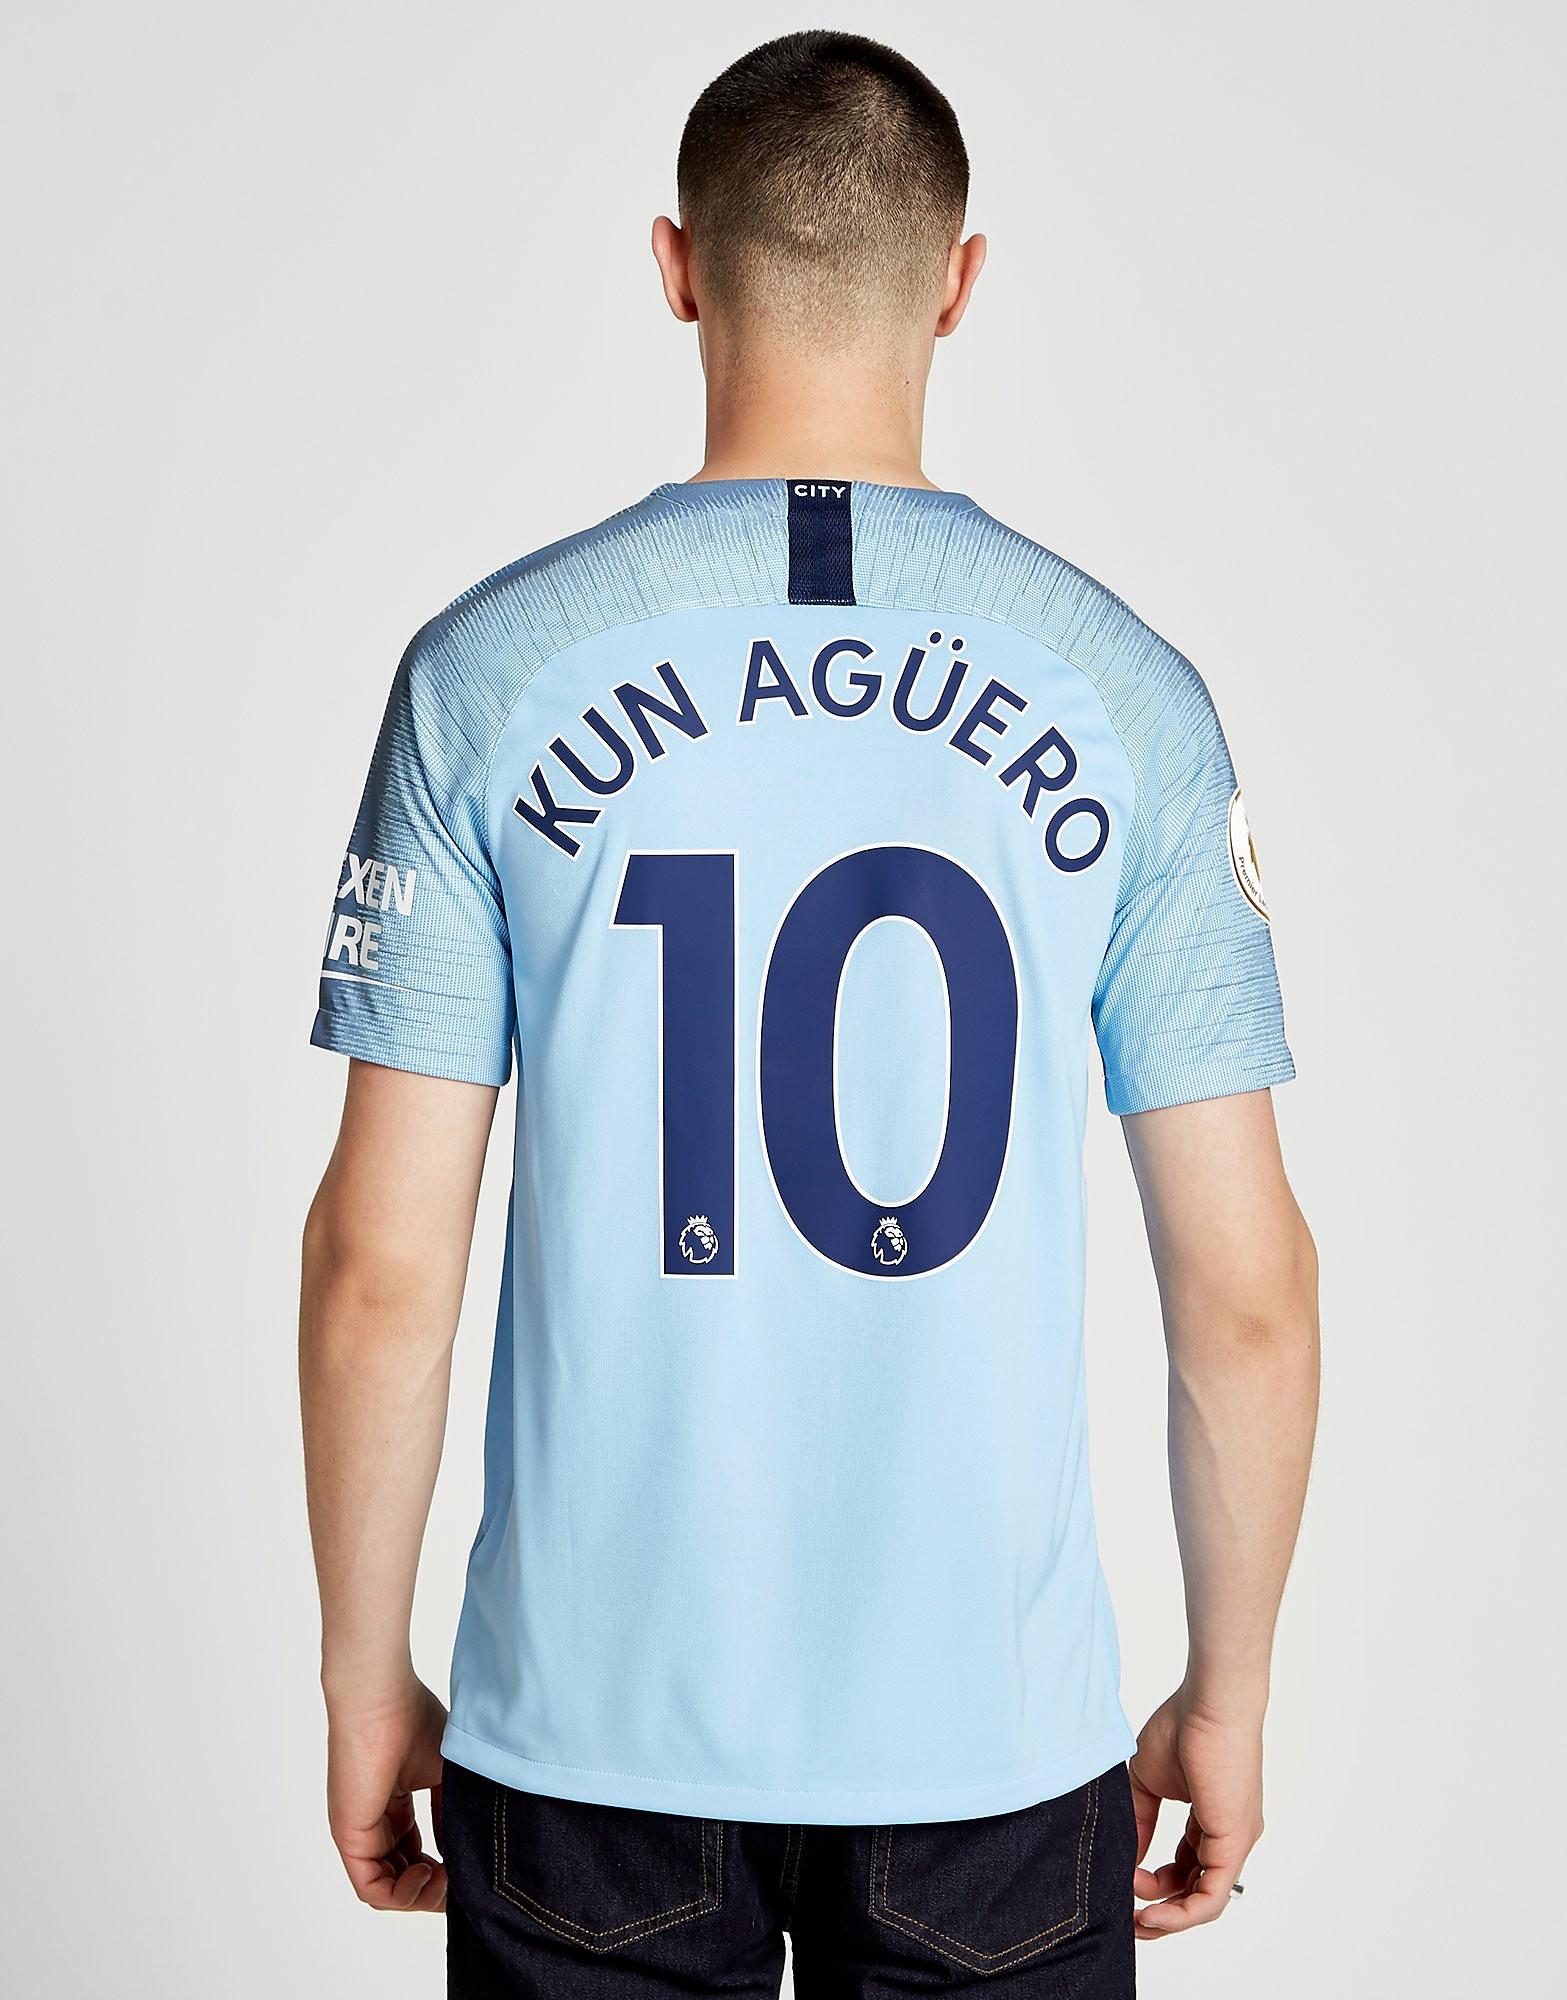 Nike Manchester City FC 2018/19 Aguero #10 Home Shirt - Blauw - Heren